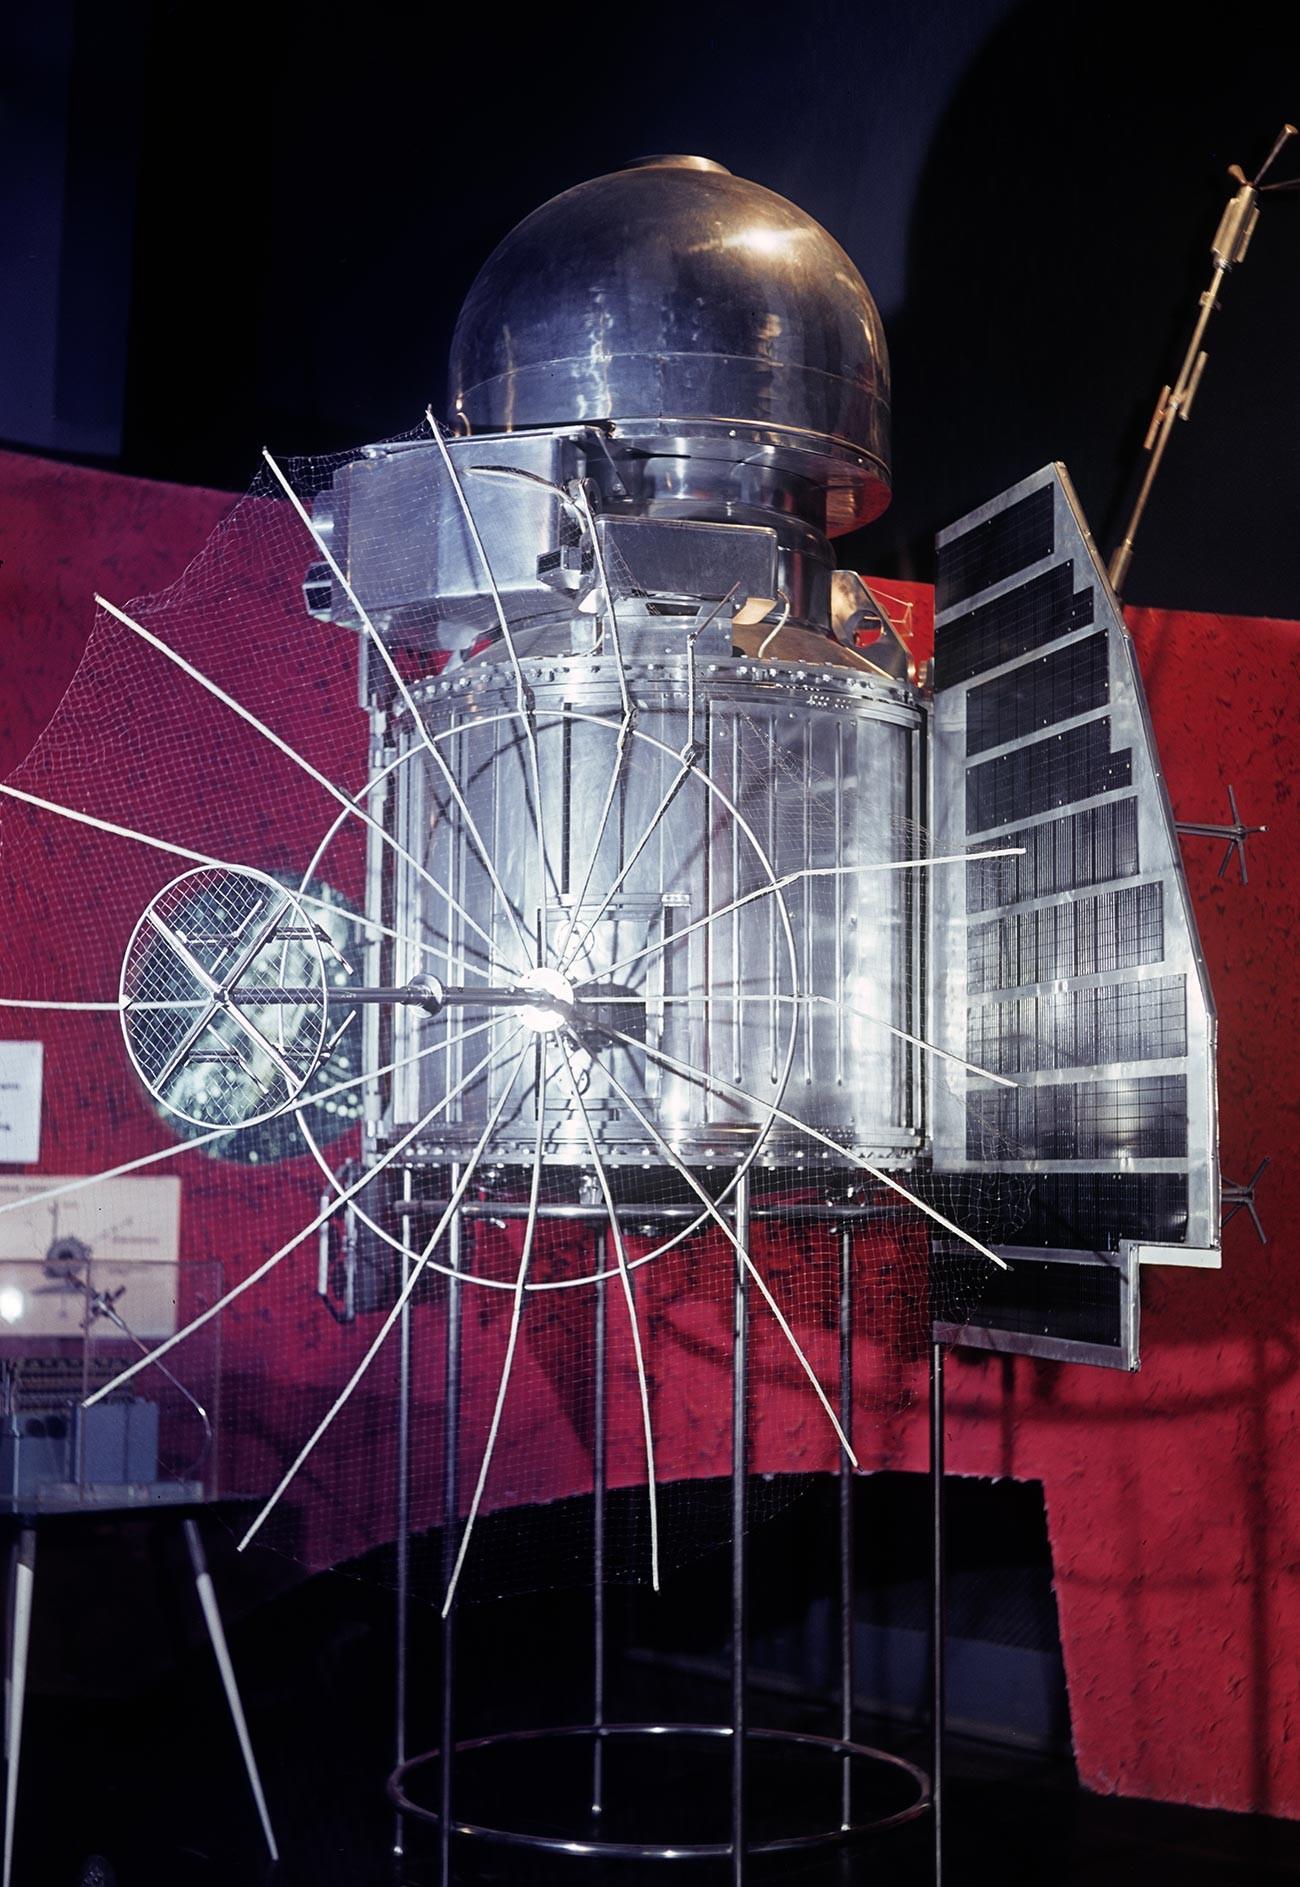 Maquette de la sonde spatiale soviétique Venera-1